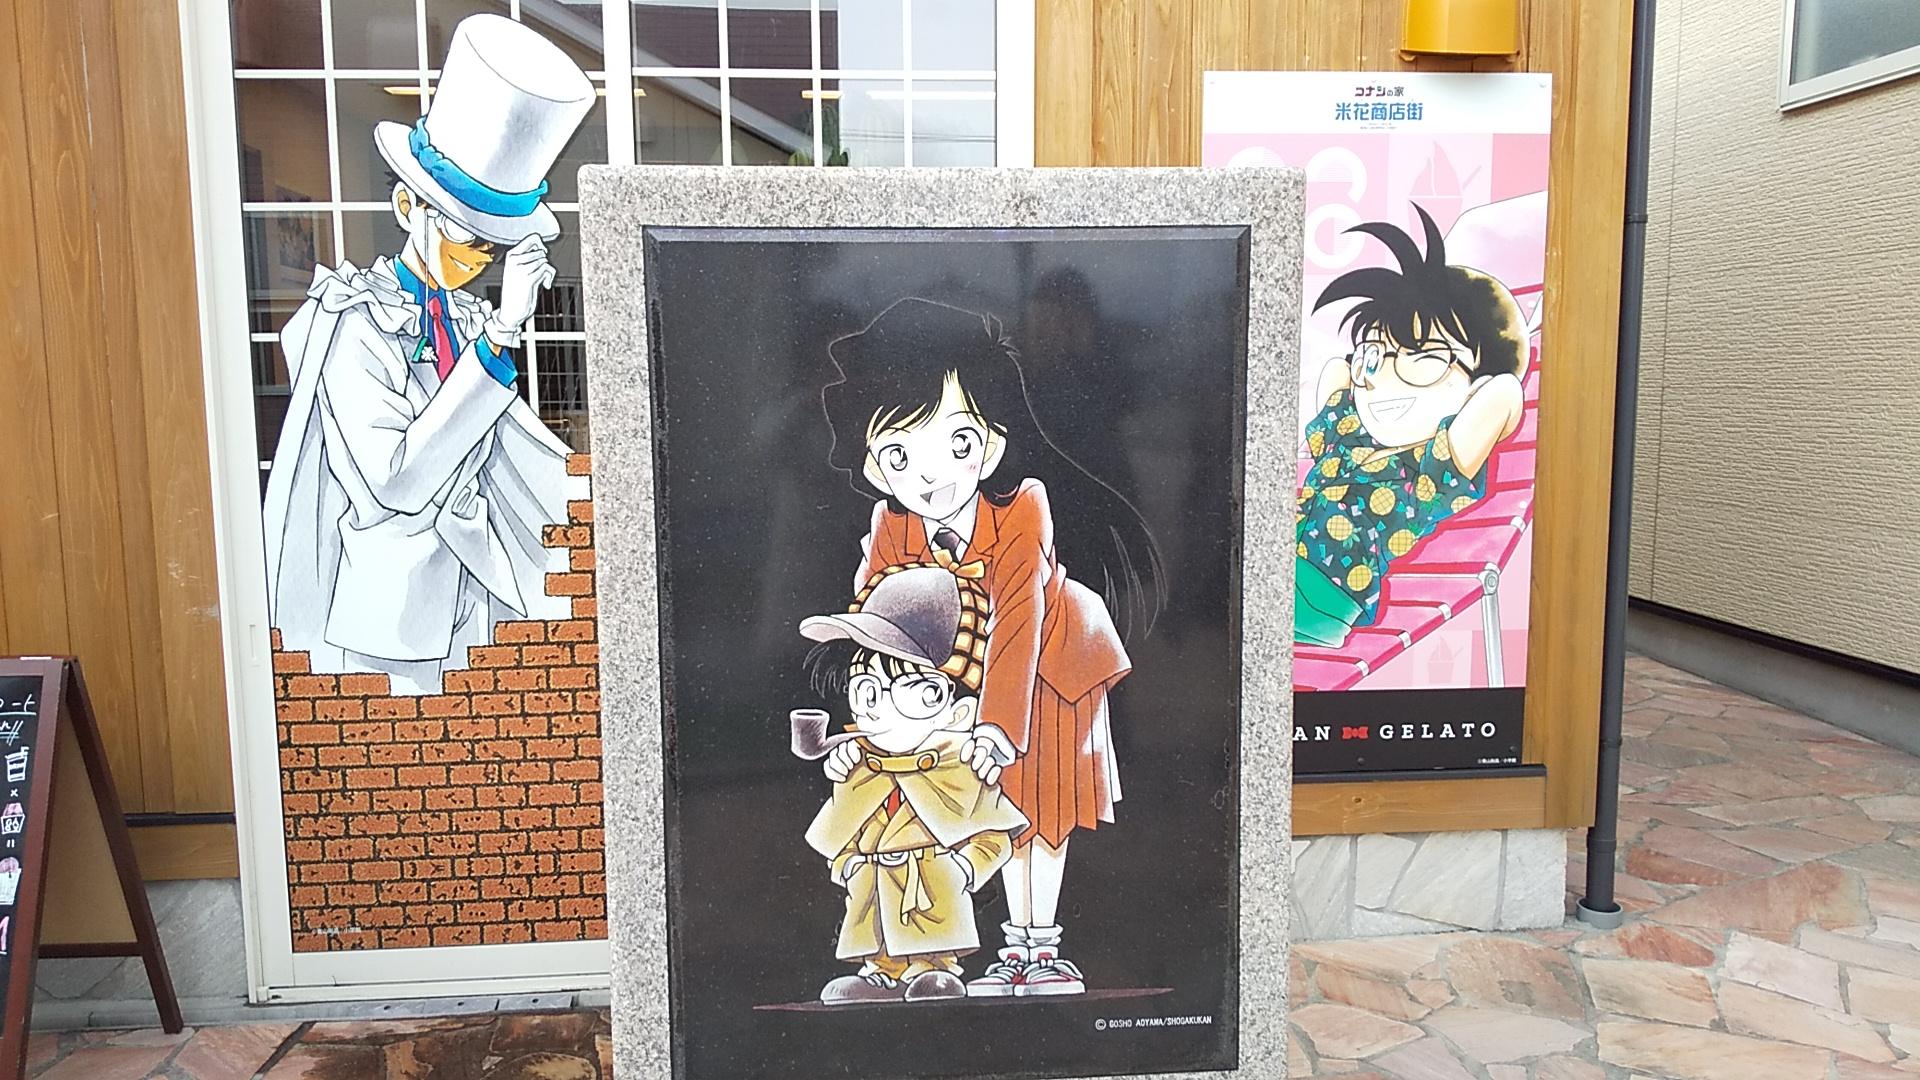 ファン必見!名探偵コナンに会える!青山剛昌ふるさと館 in 鳥取県